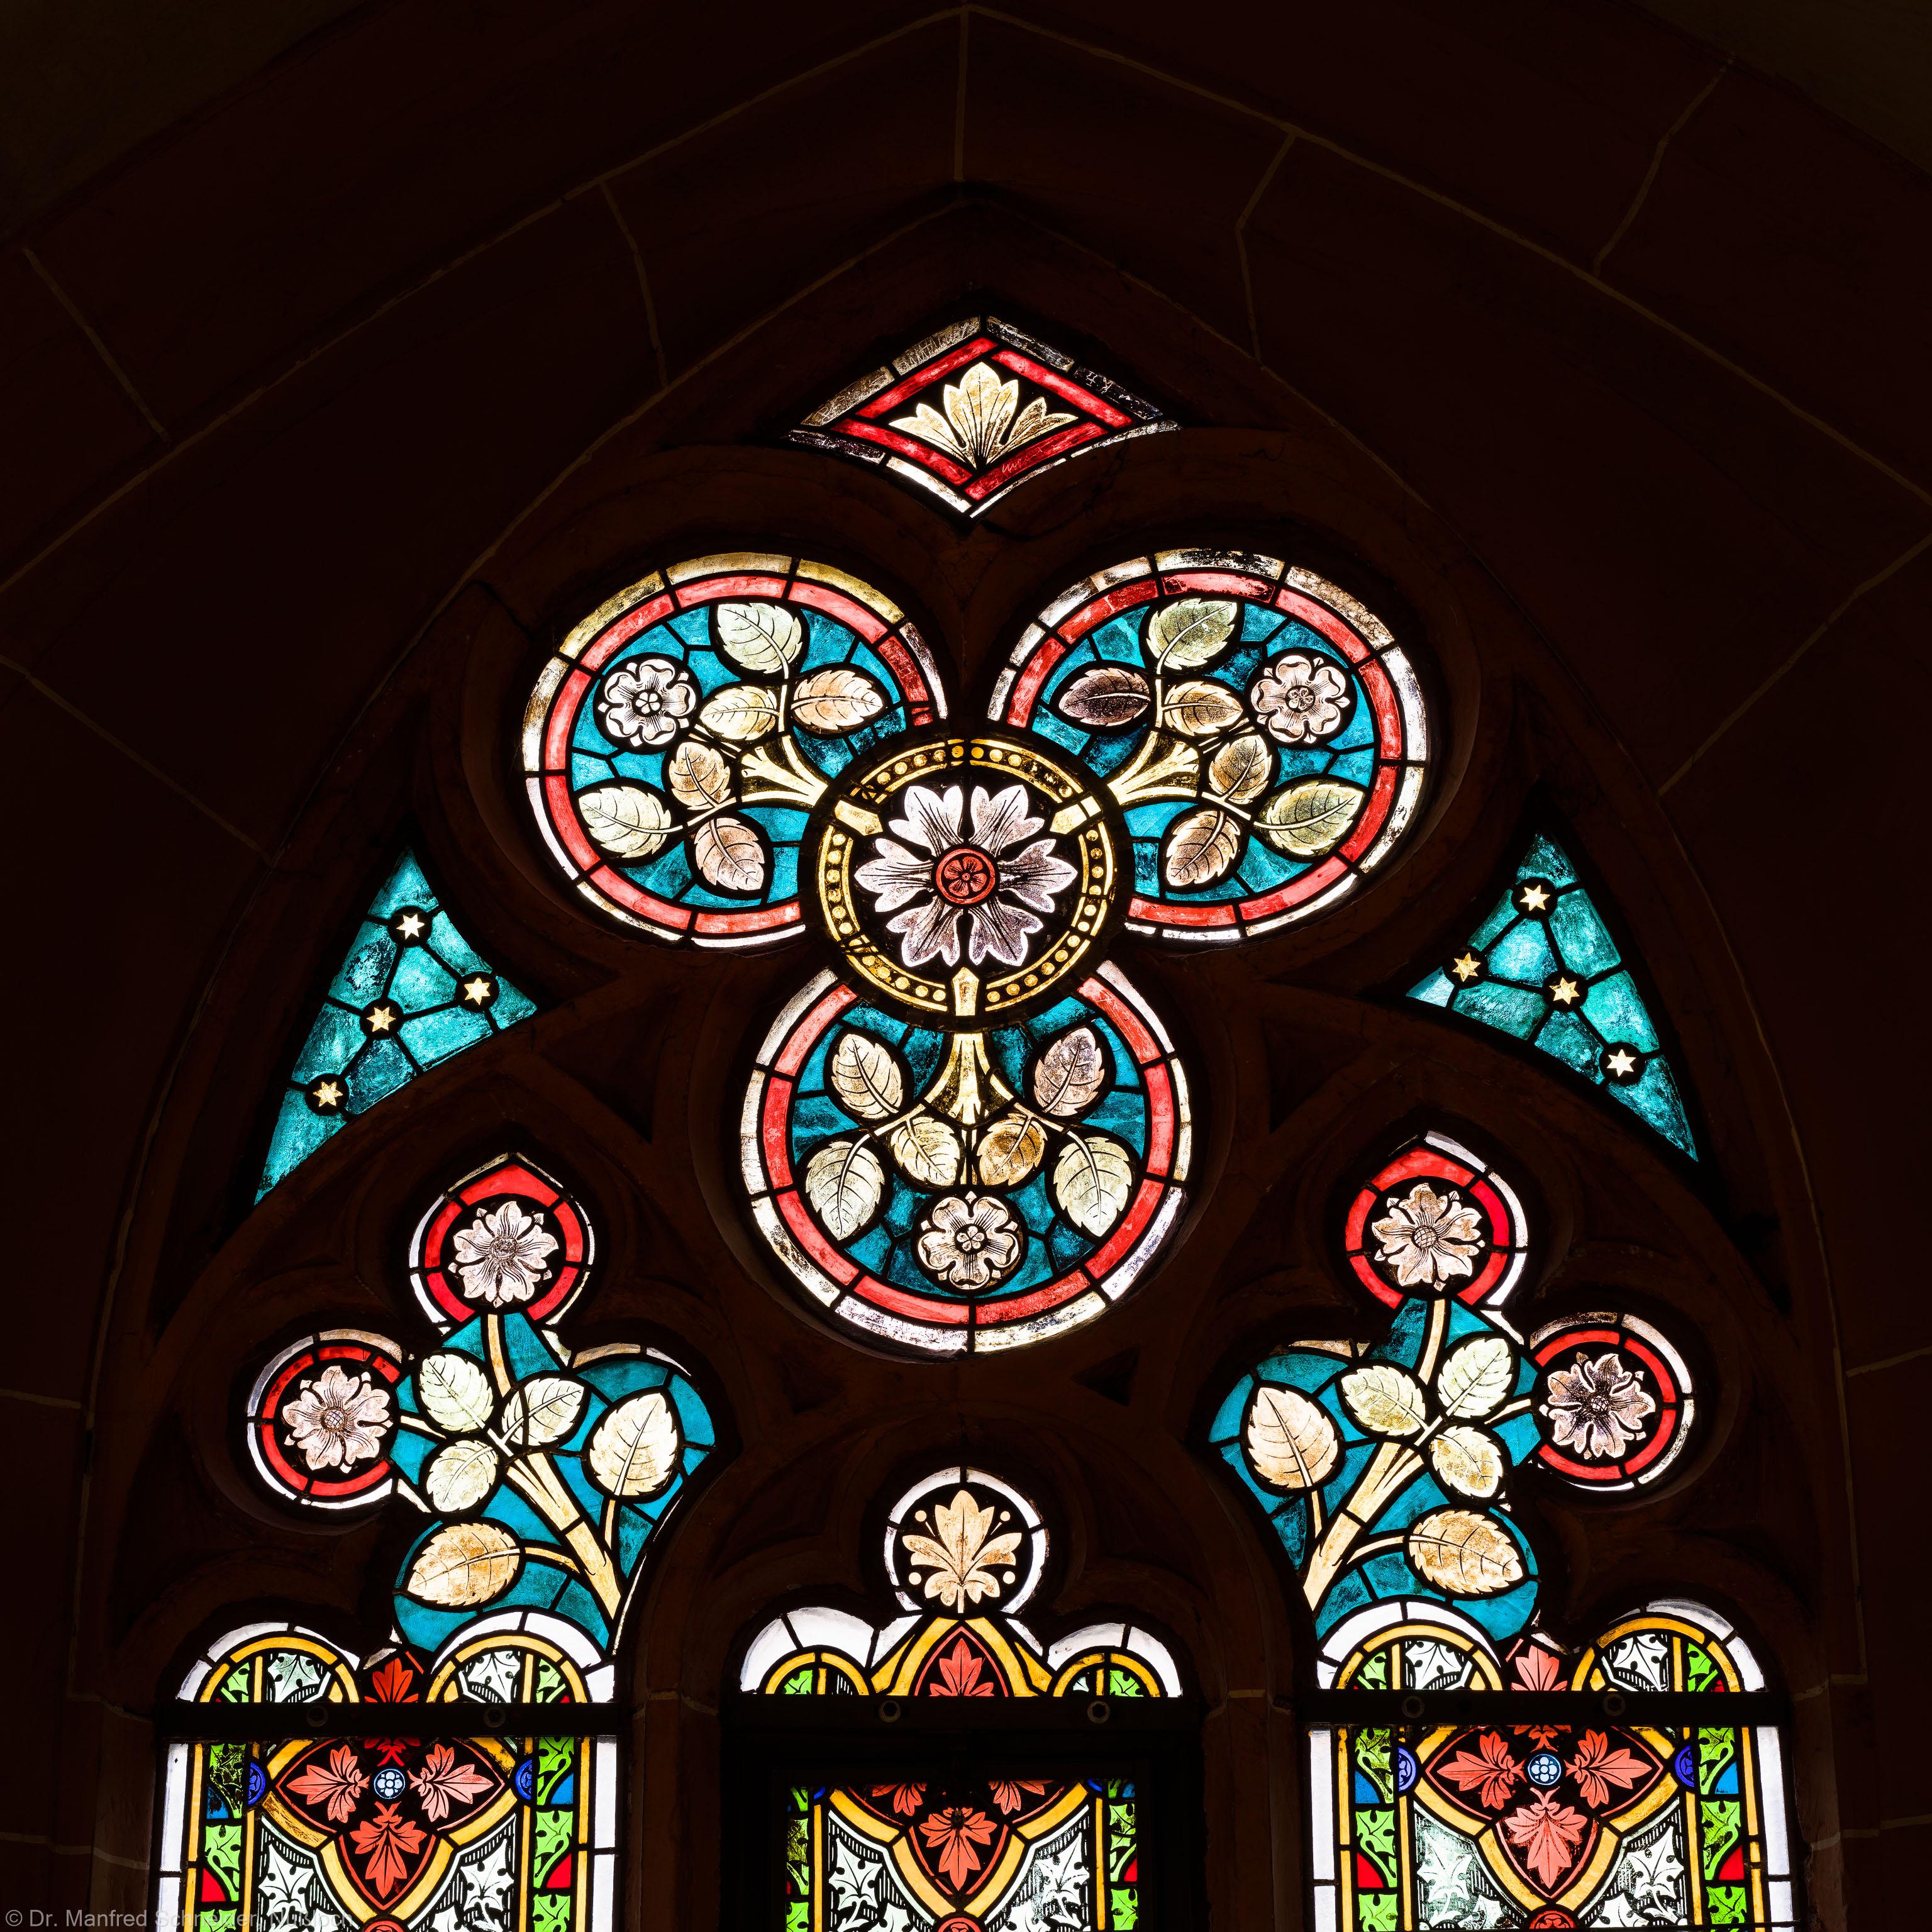 Heidelberg - Heiliggeistkirche - Südschiff - 2. Joch, von Westen aus gezählt - Maßwerk des Ornamentfensters (aufgenommen im Oktober 2015, am frühen Nachmittag)